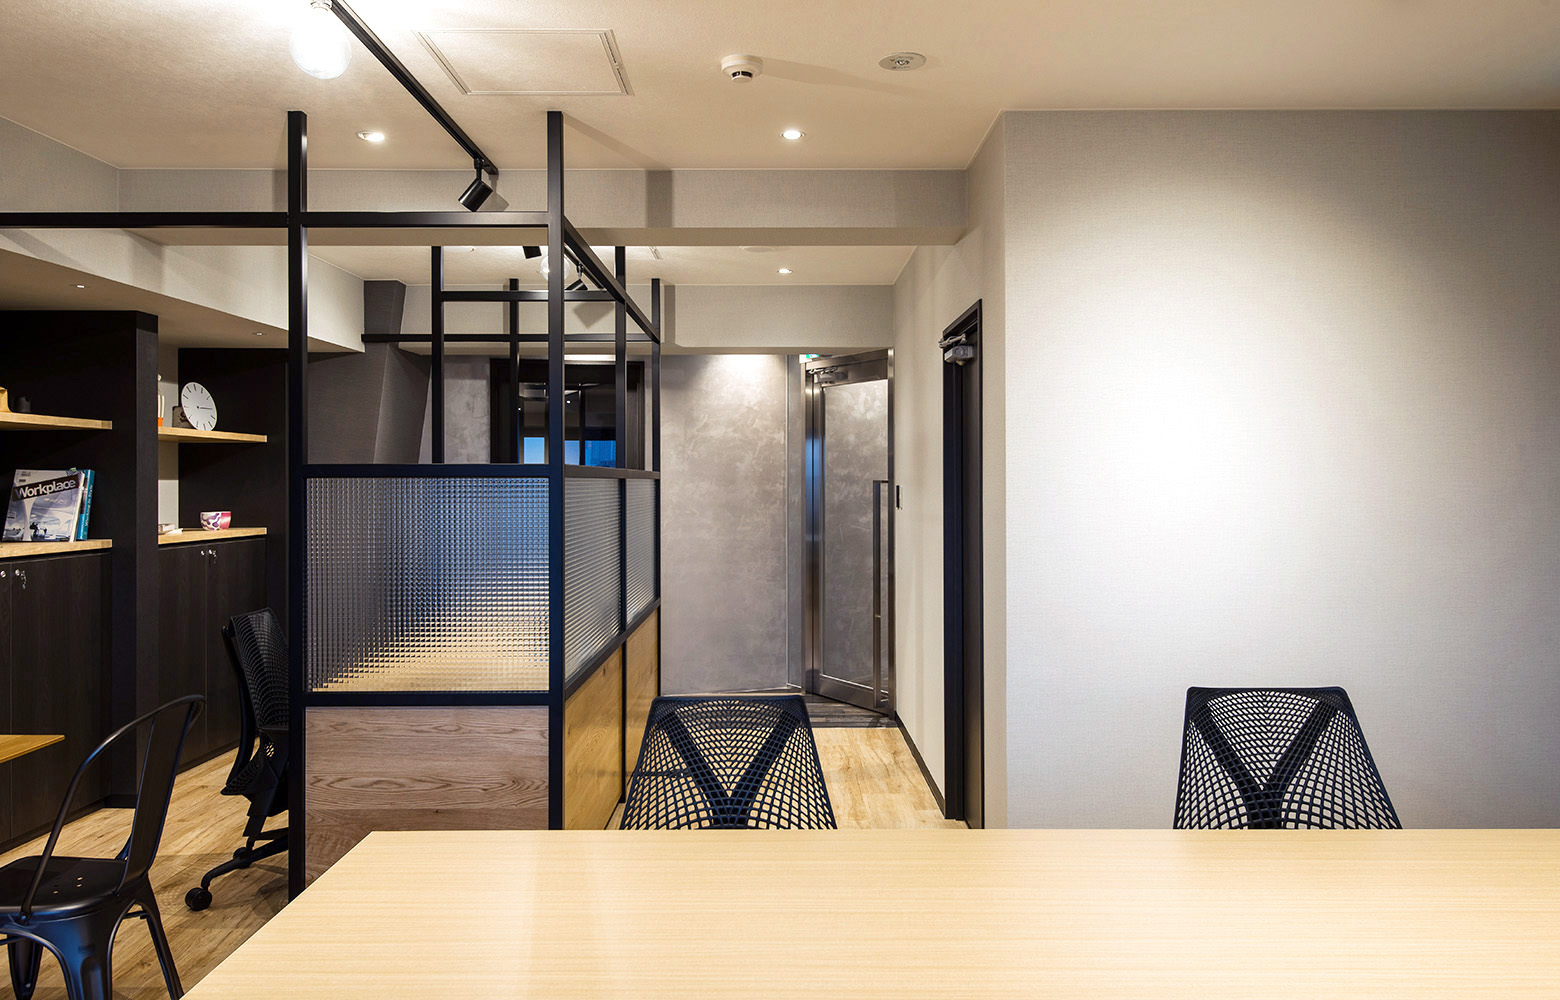 アンバス株式会社 Work Space_2 デザイン・レイアウト事例